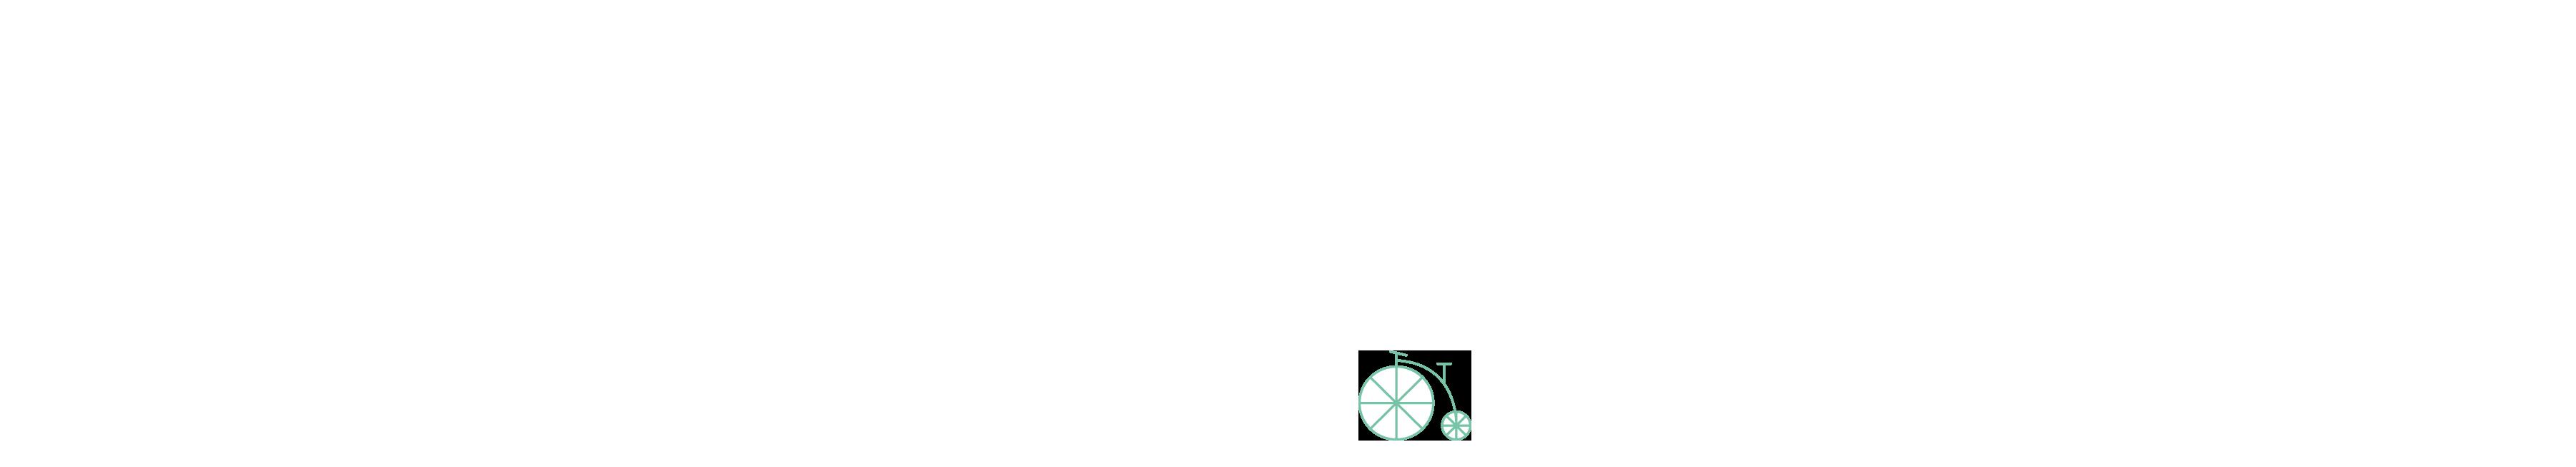 bici2 albergue guiana